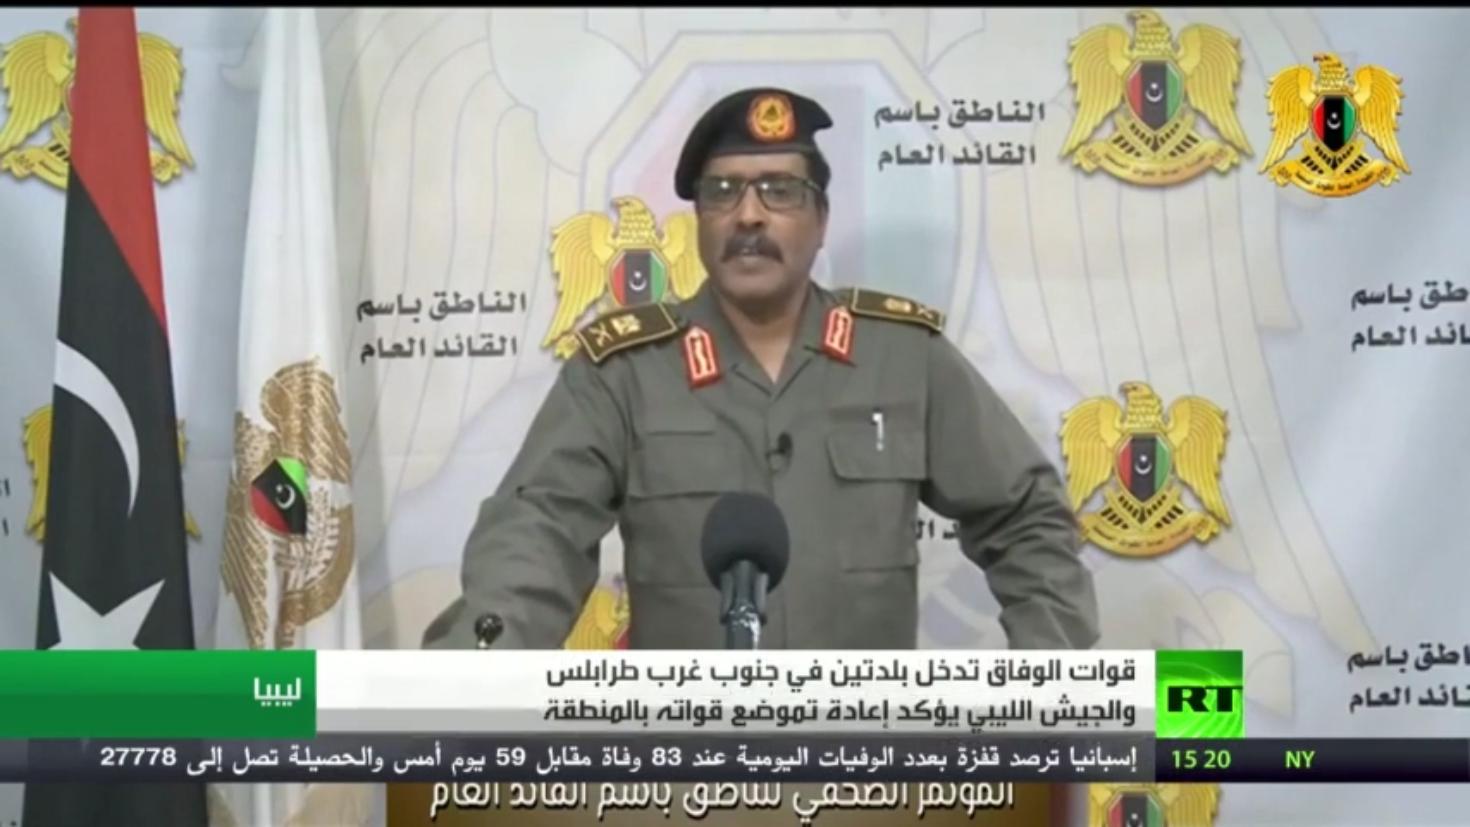 قوات الوفاق تدخل بلدتين جنوب غرب طرابلس